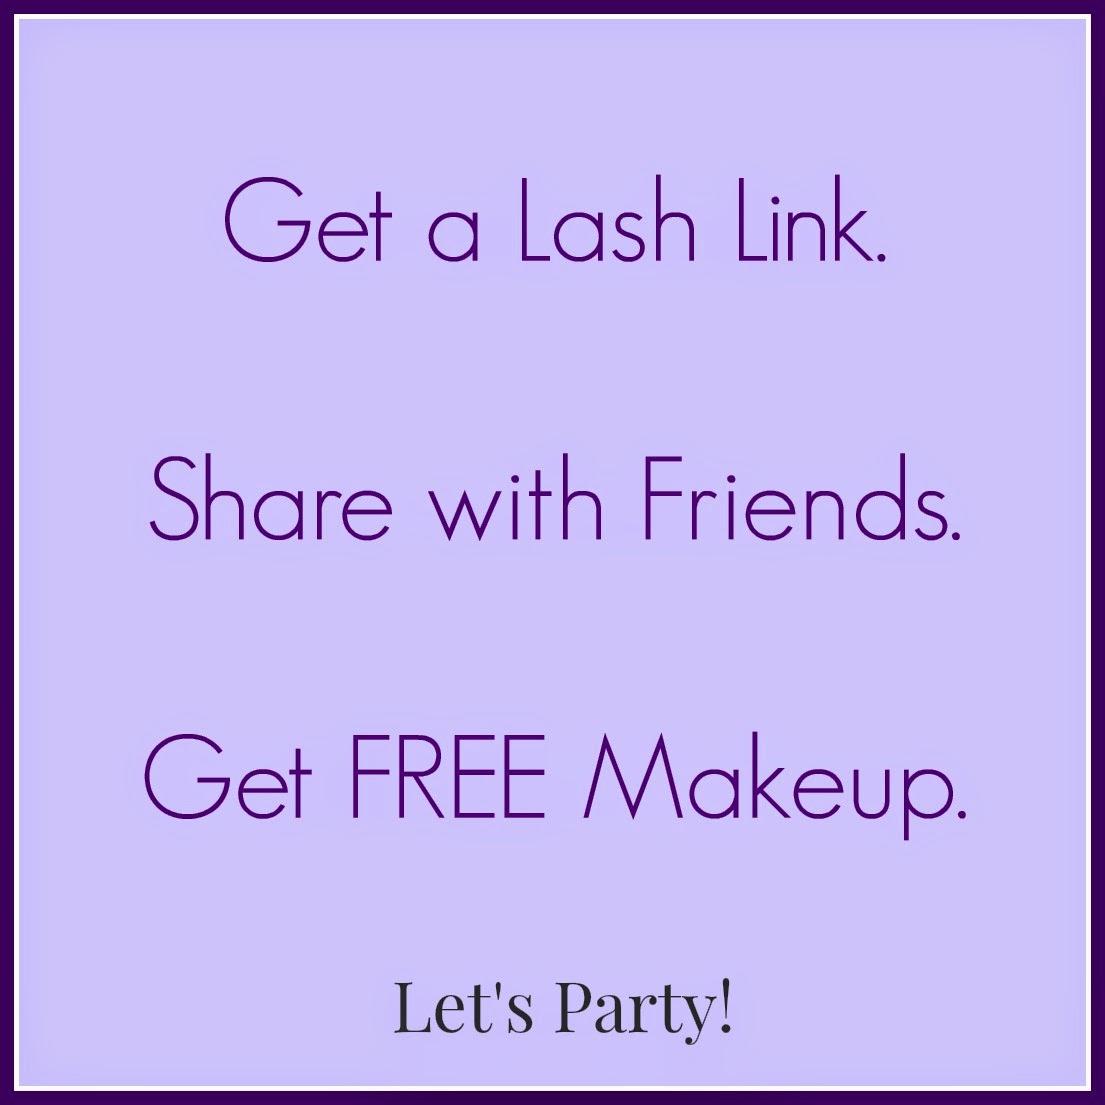 Get FREE Makeup!